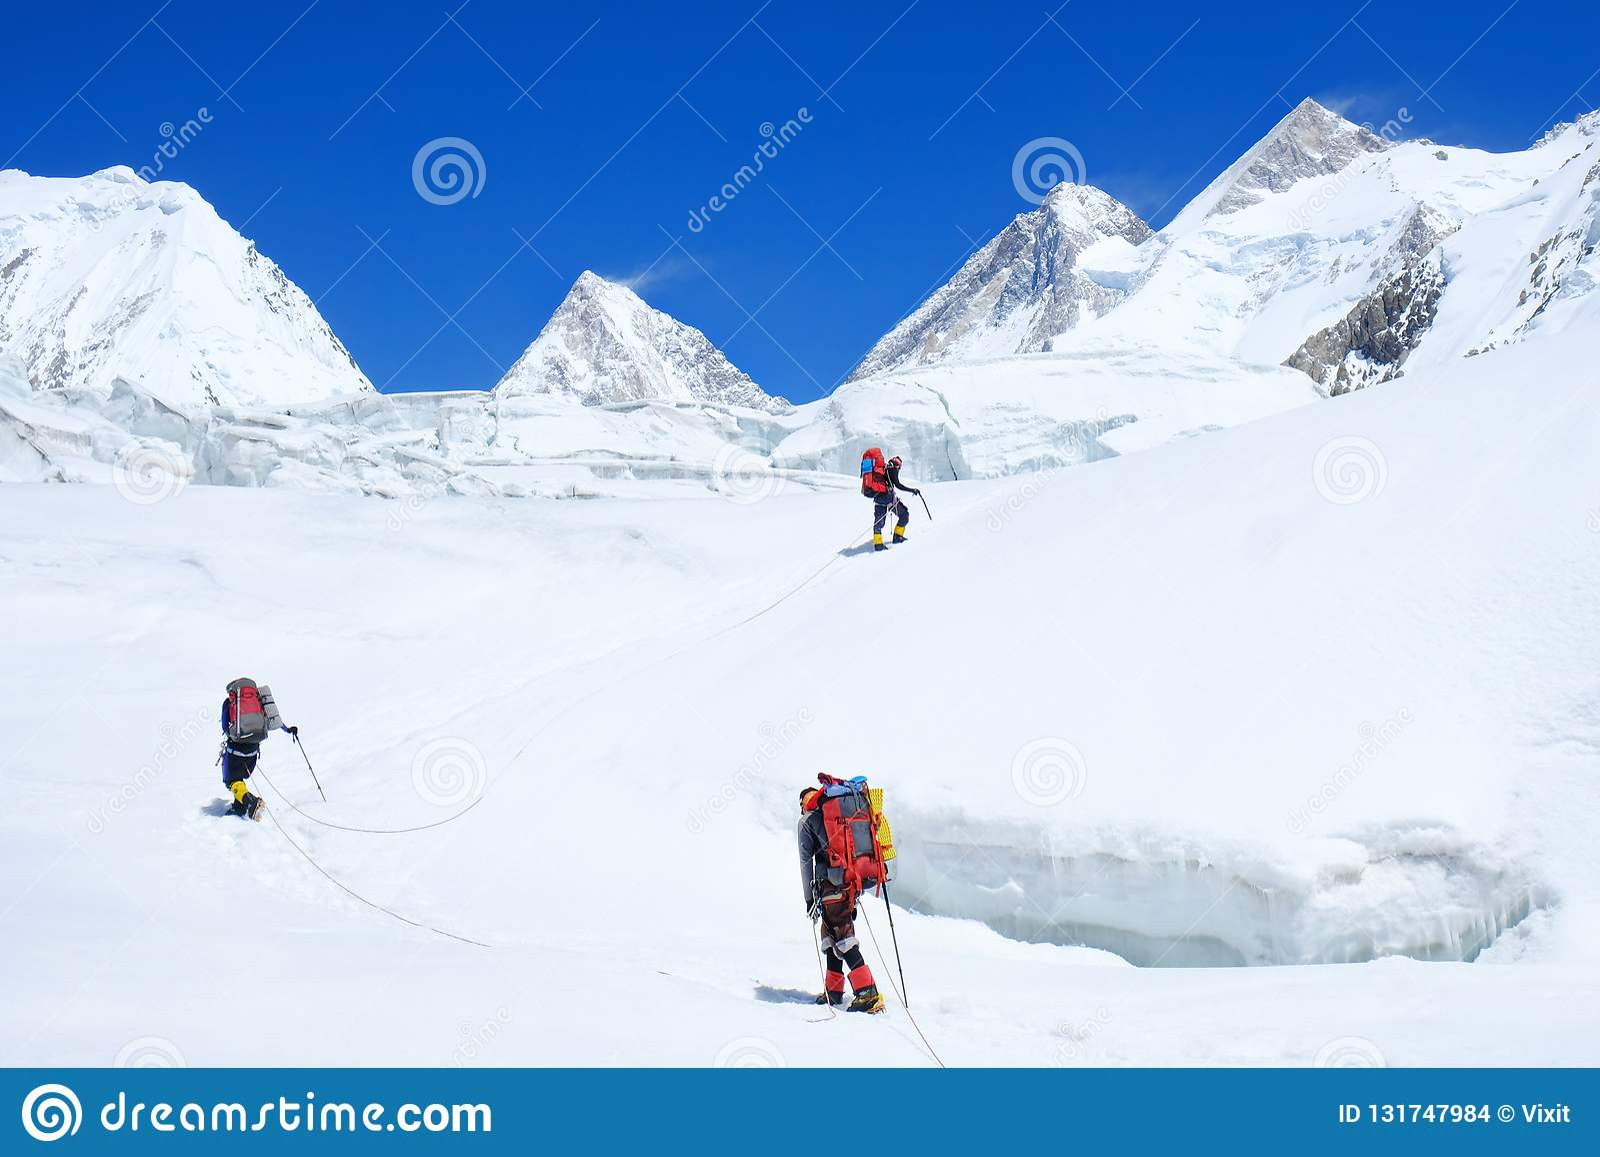 Klimmer reache de top van bergpiek Klimmer drie op de gletsjer Succes, vrijheid en geluk, voltooiing in bergen